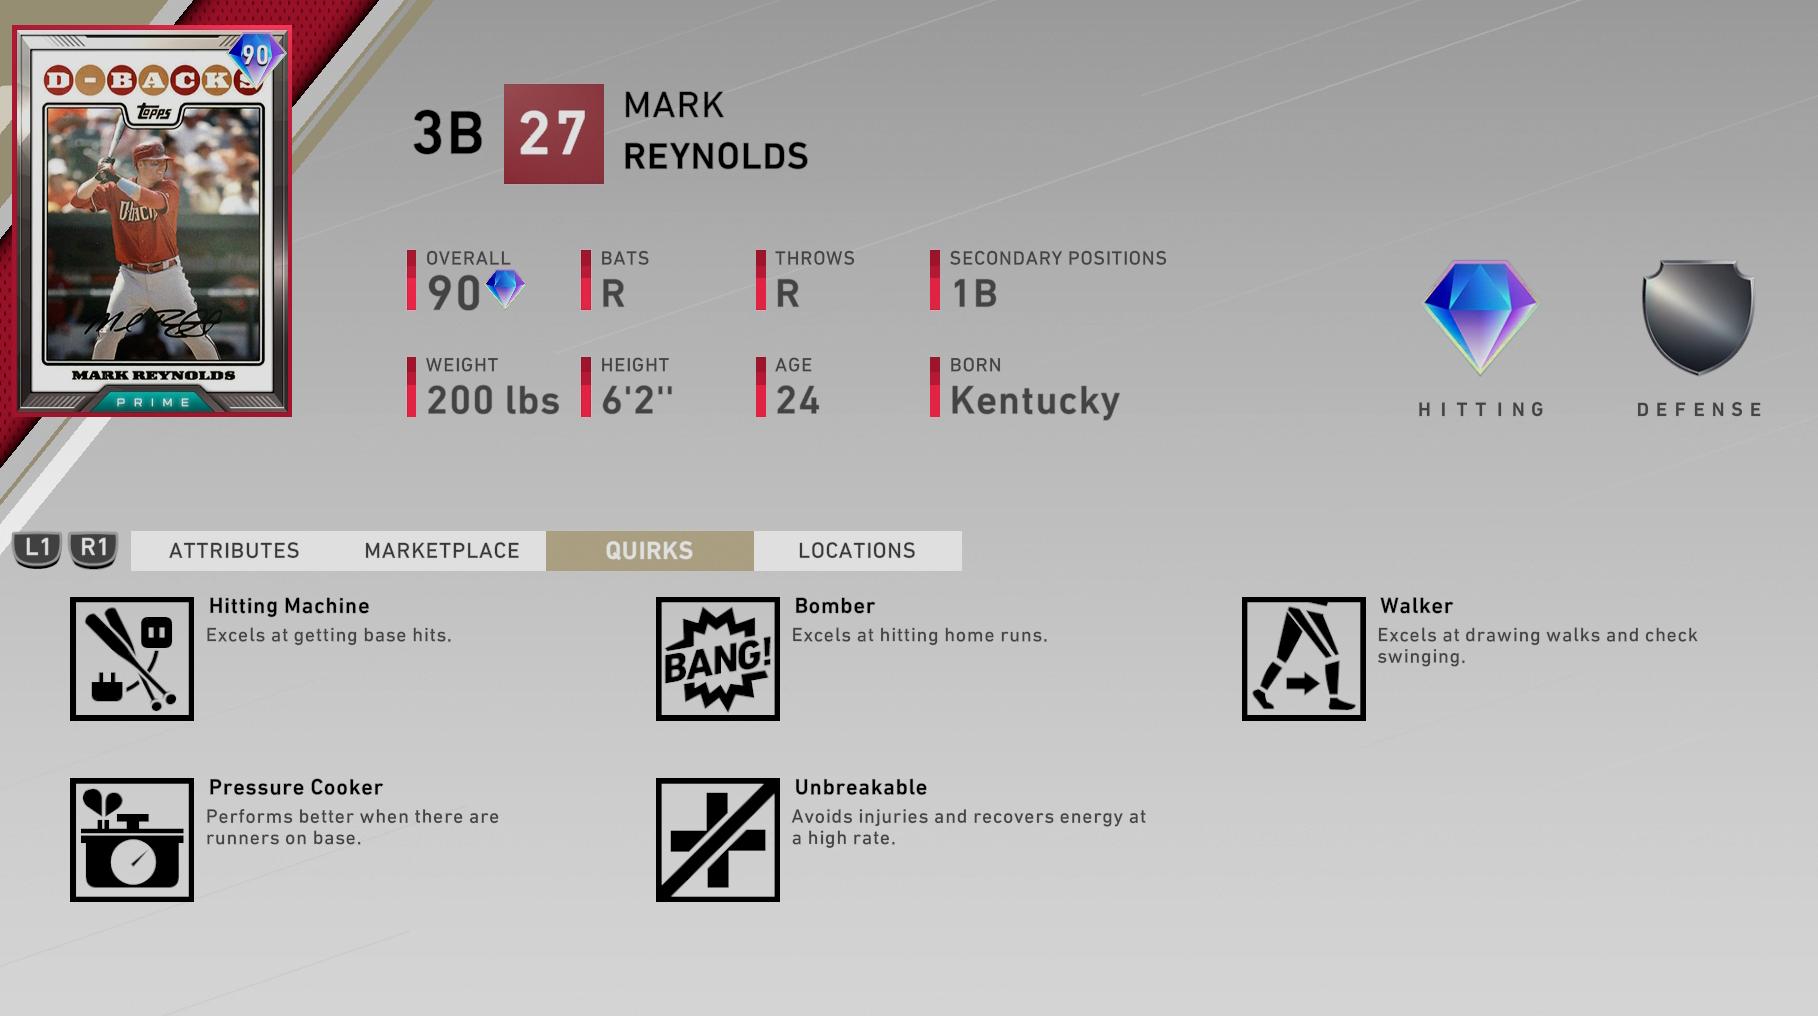 prime-mark-reynolds-quirks